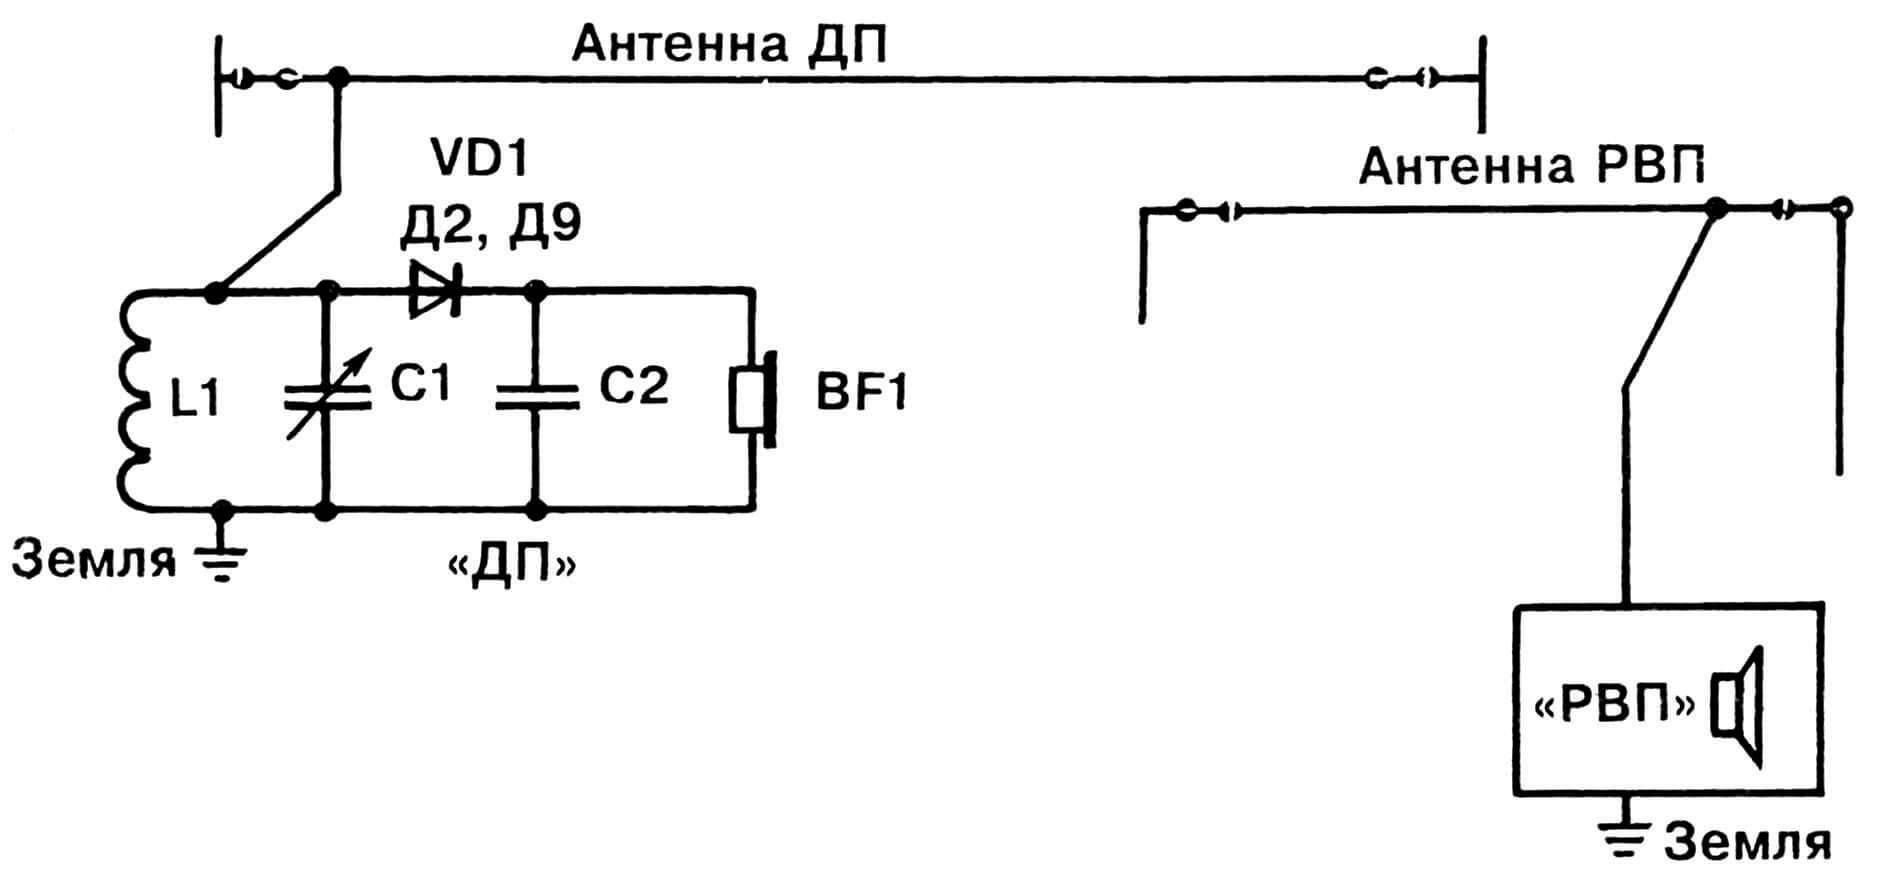 Рис.1. Мини-радиопередатчик в действии (к пояснению принципа вторичной модуляции).